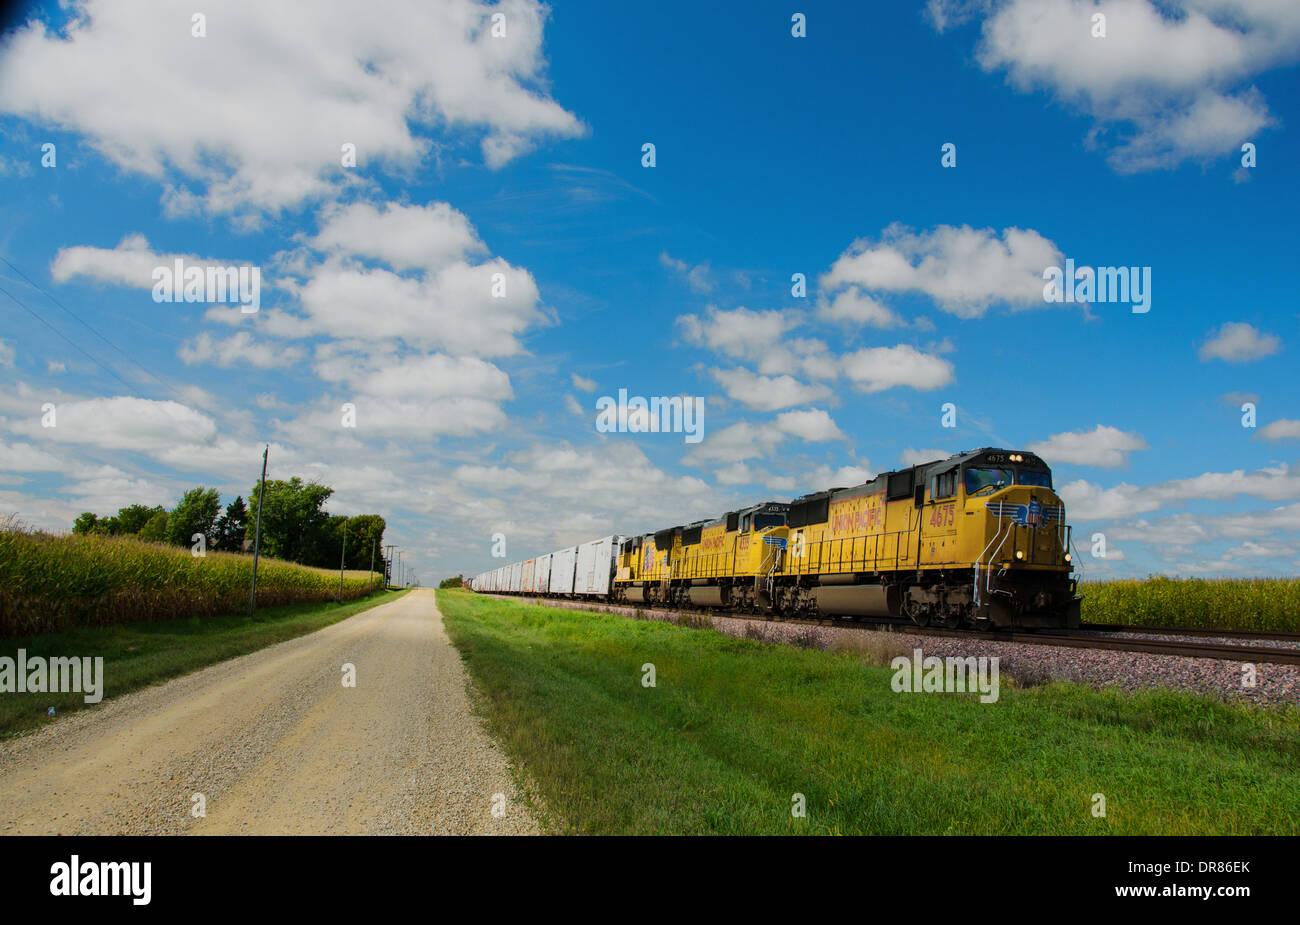 Lincoln Highway ripio junto a las vías del ferrocarril, donde el tren de Union Pacific está funcionando casi a Ashton, Illinois Imagen De Stock